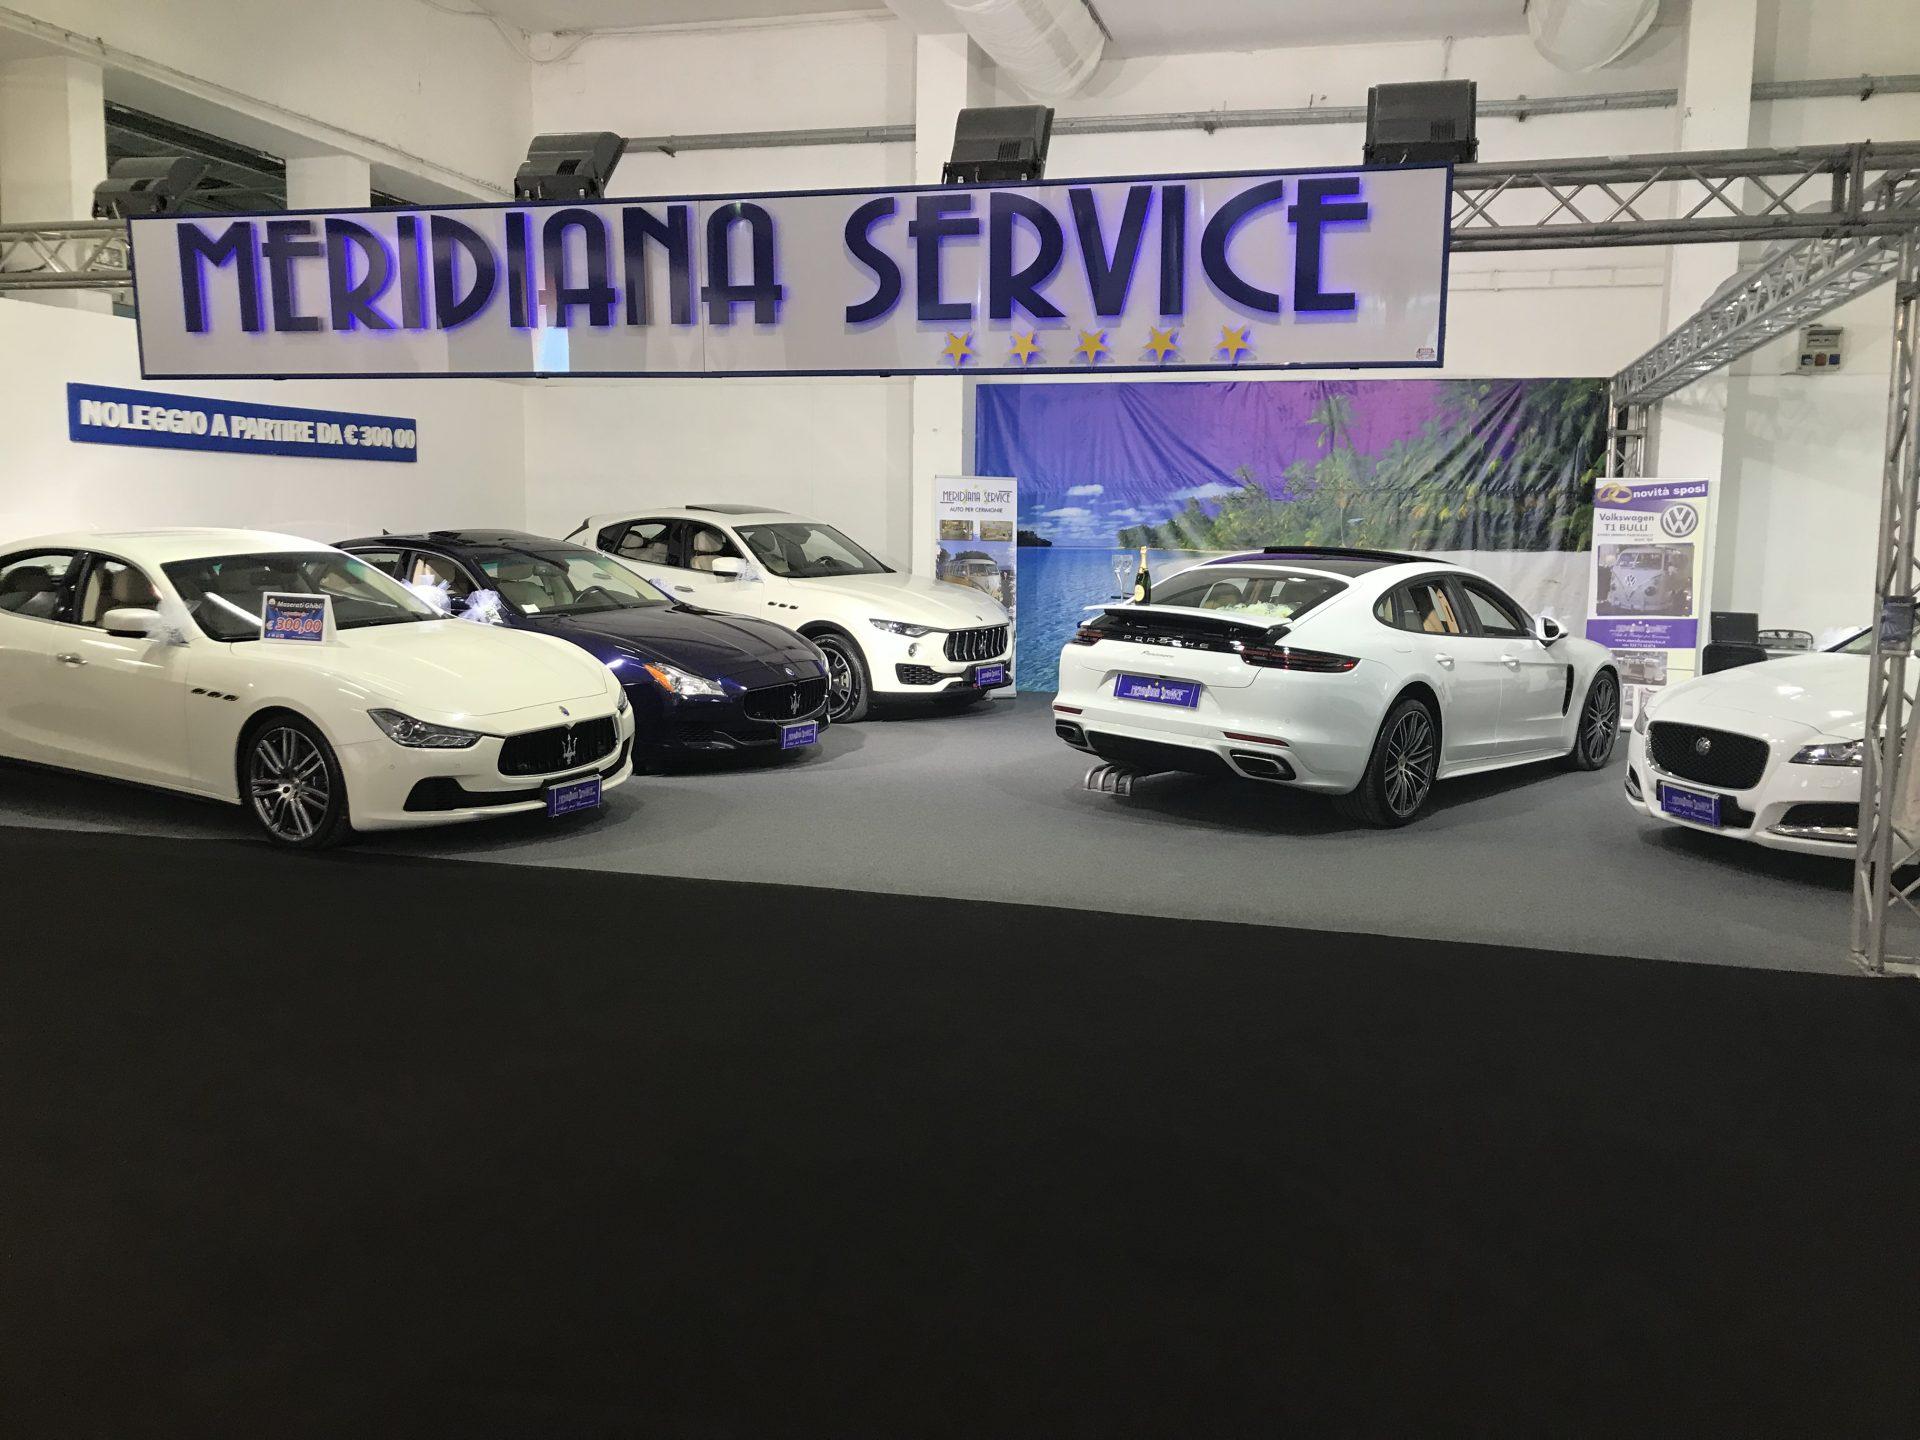 d7ea8bb39ae9 Come ogni anno Meridiana Service auto sposi Napoli partecipa alla fiera  Tutto Sposi alla Mostra d Oltremare. In fiera proponiamo degli ottimi prezzi  su ...